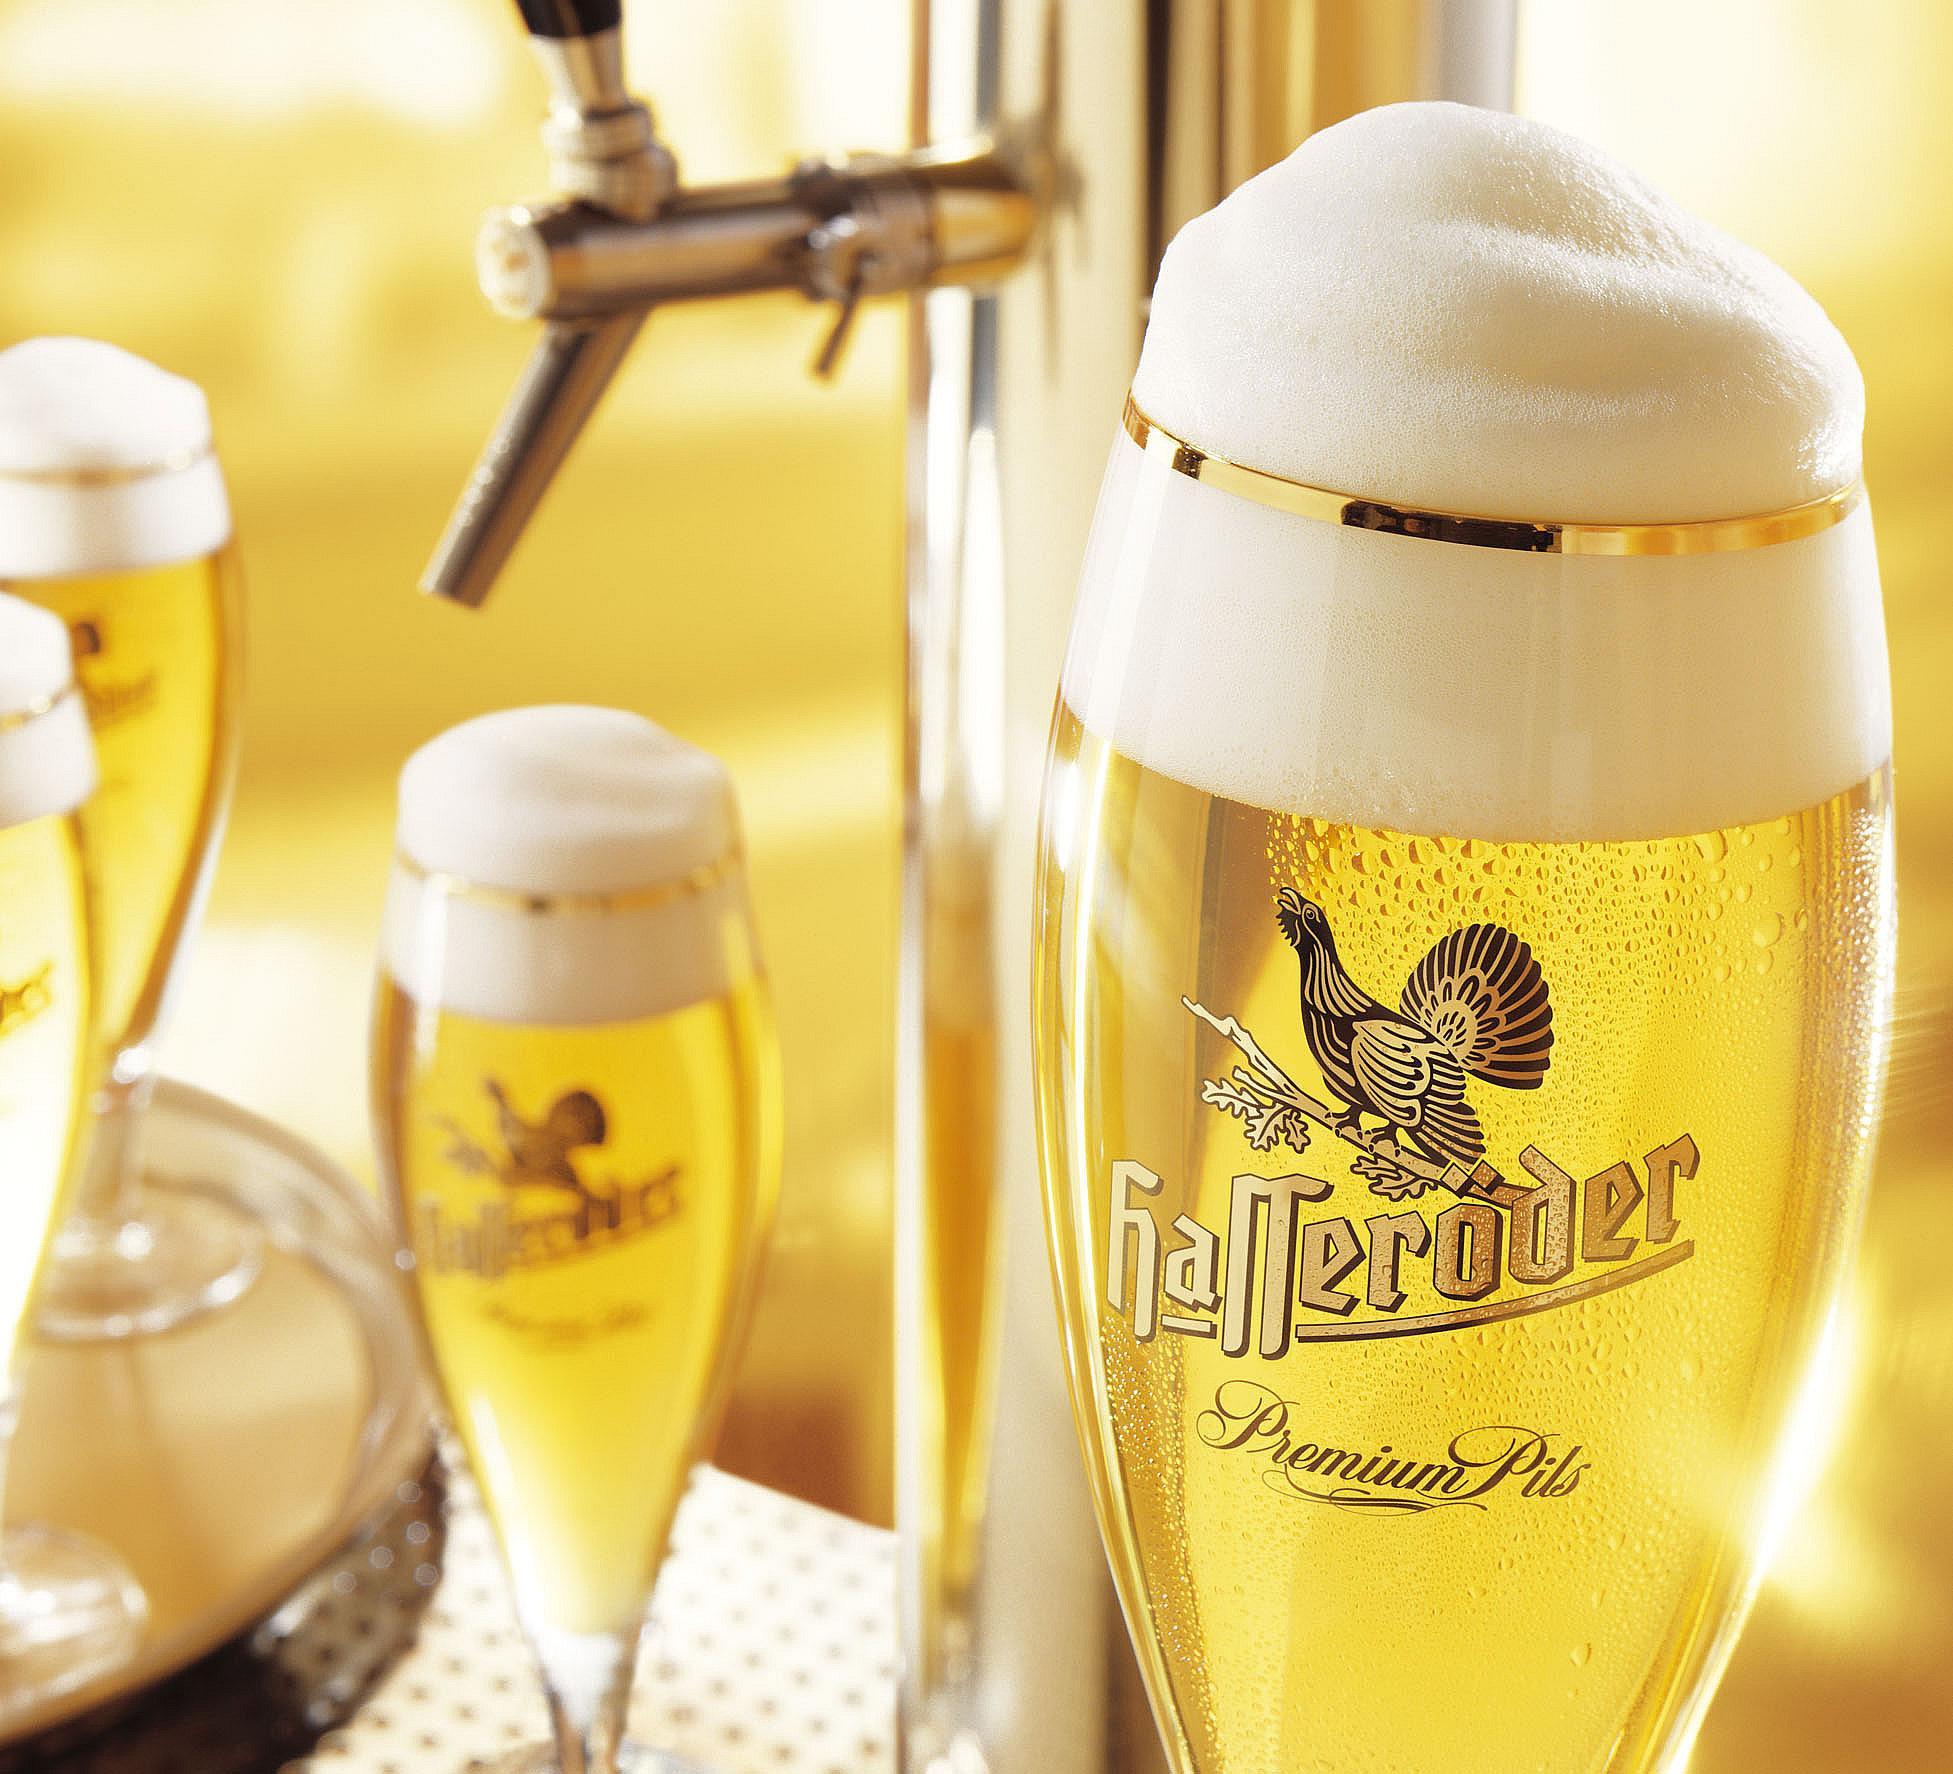 Hasseröder Biergläser auf einem Kneipentresen mit Zapfhahn